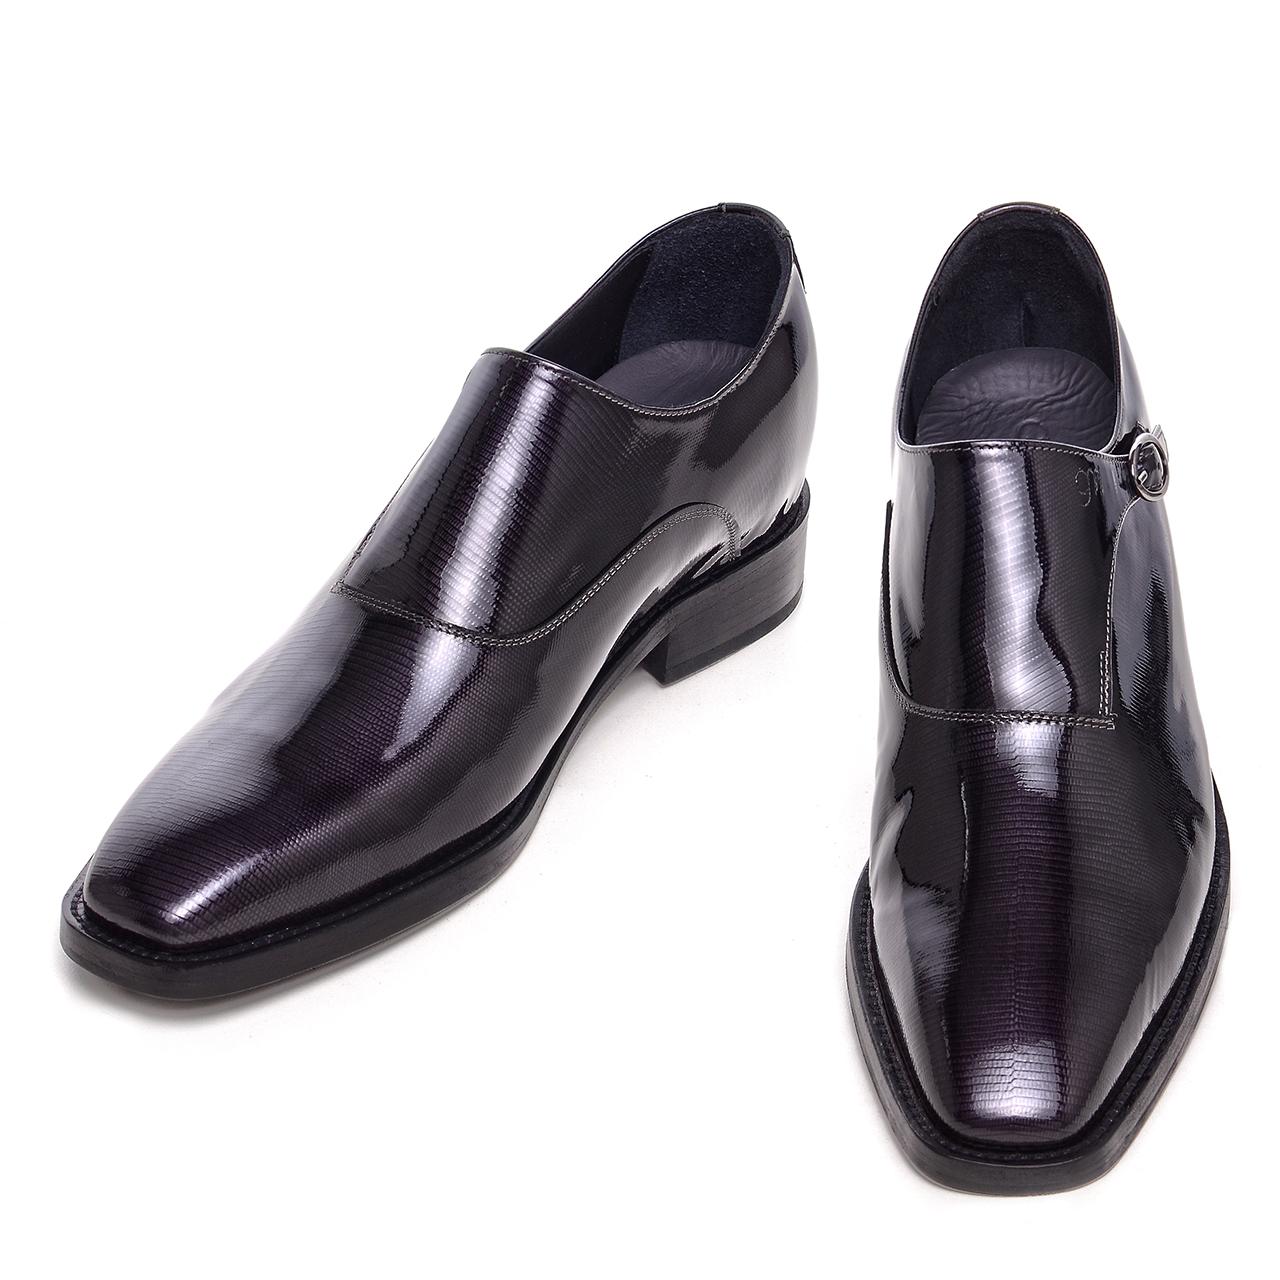 Scarpe Da Cerimonia Uomo Con Rialzo Roma   Scarpe rialzate fellini nuova  collezione guidomaggi 2f33865e45b